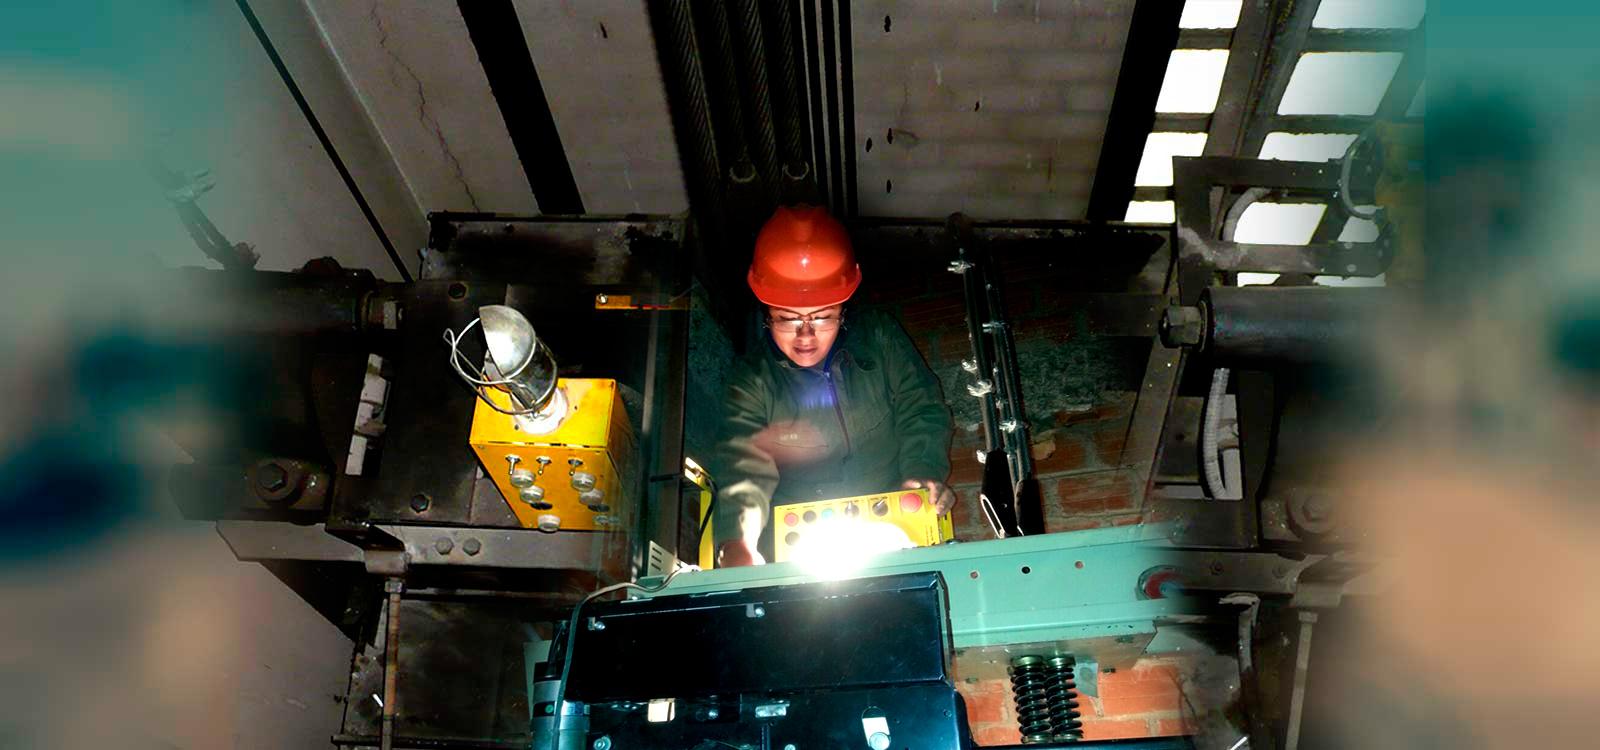 Electro elevadores bolivia for Ascensores unifamiliares sin mantenimiento